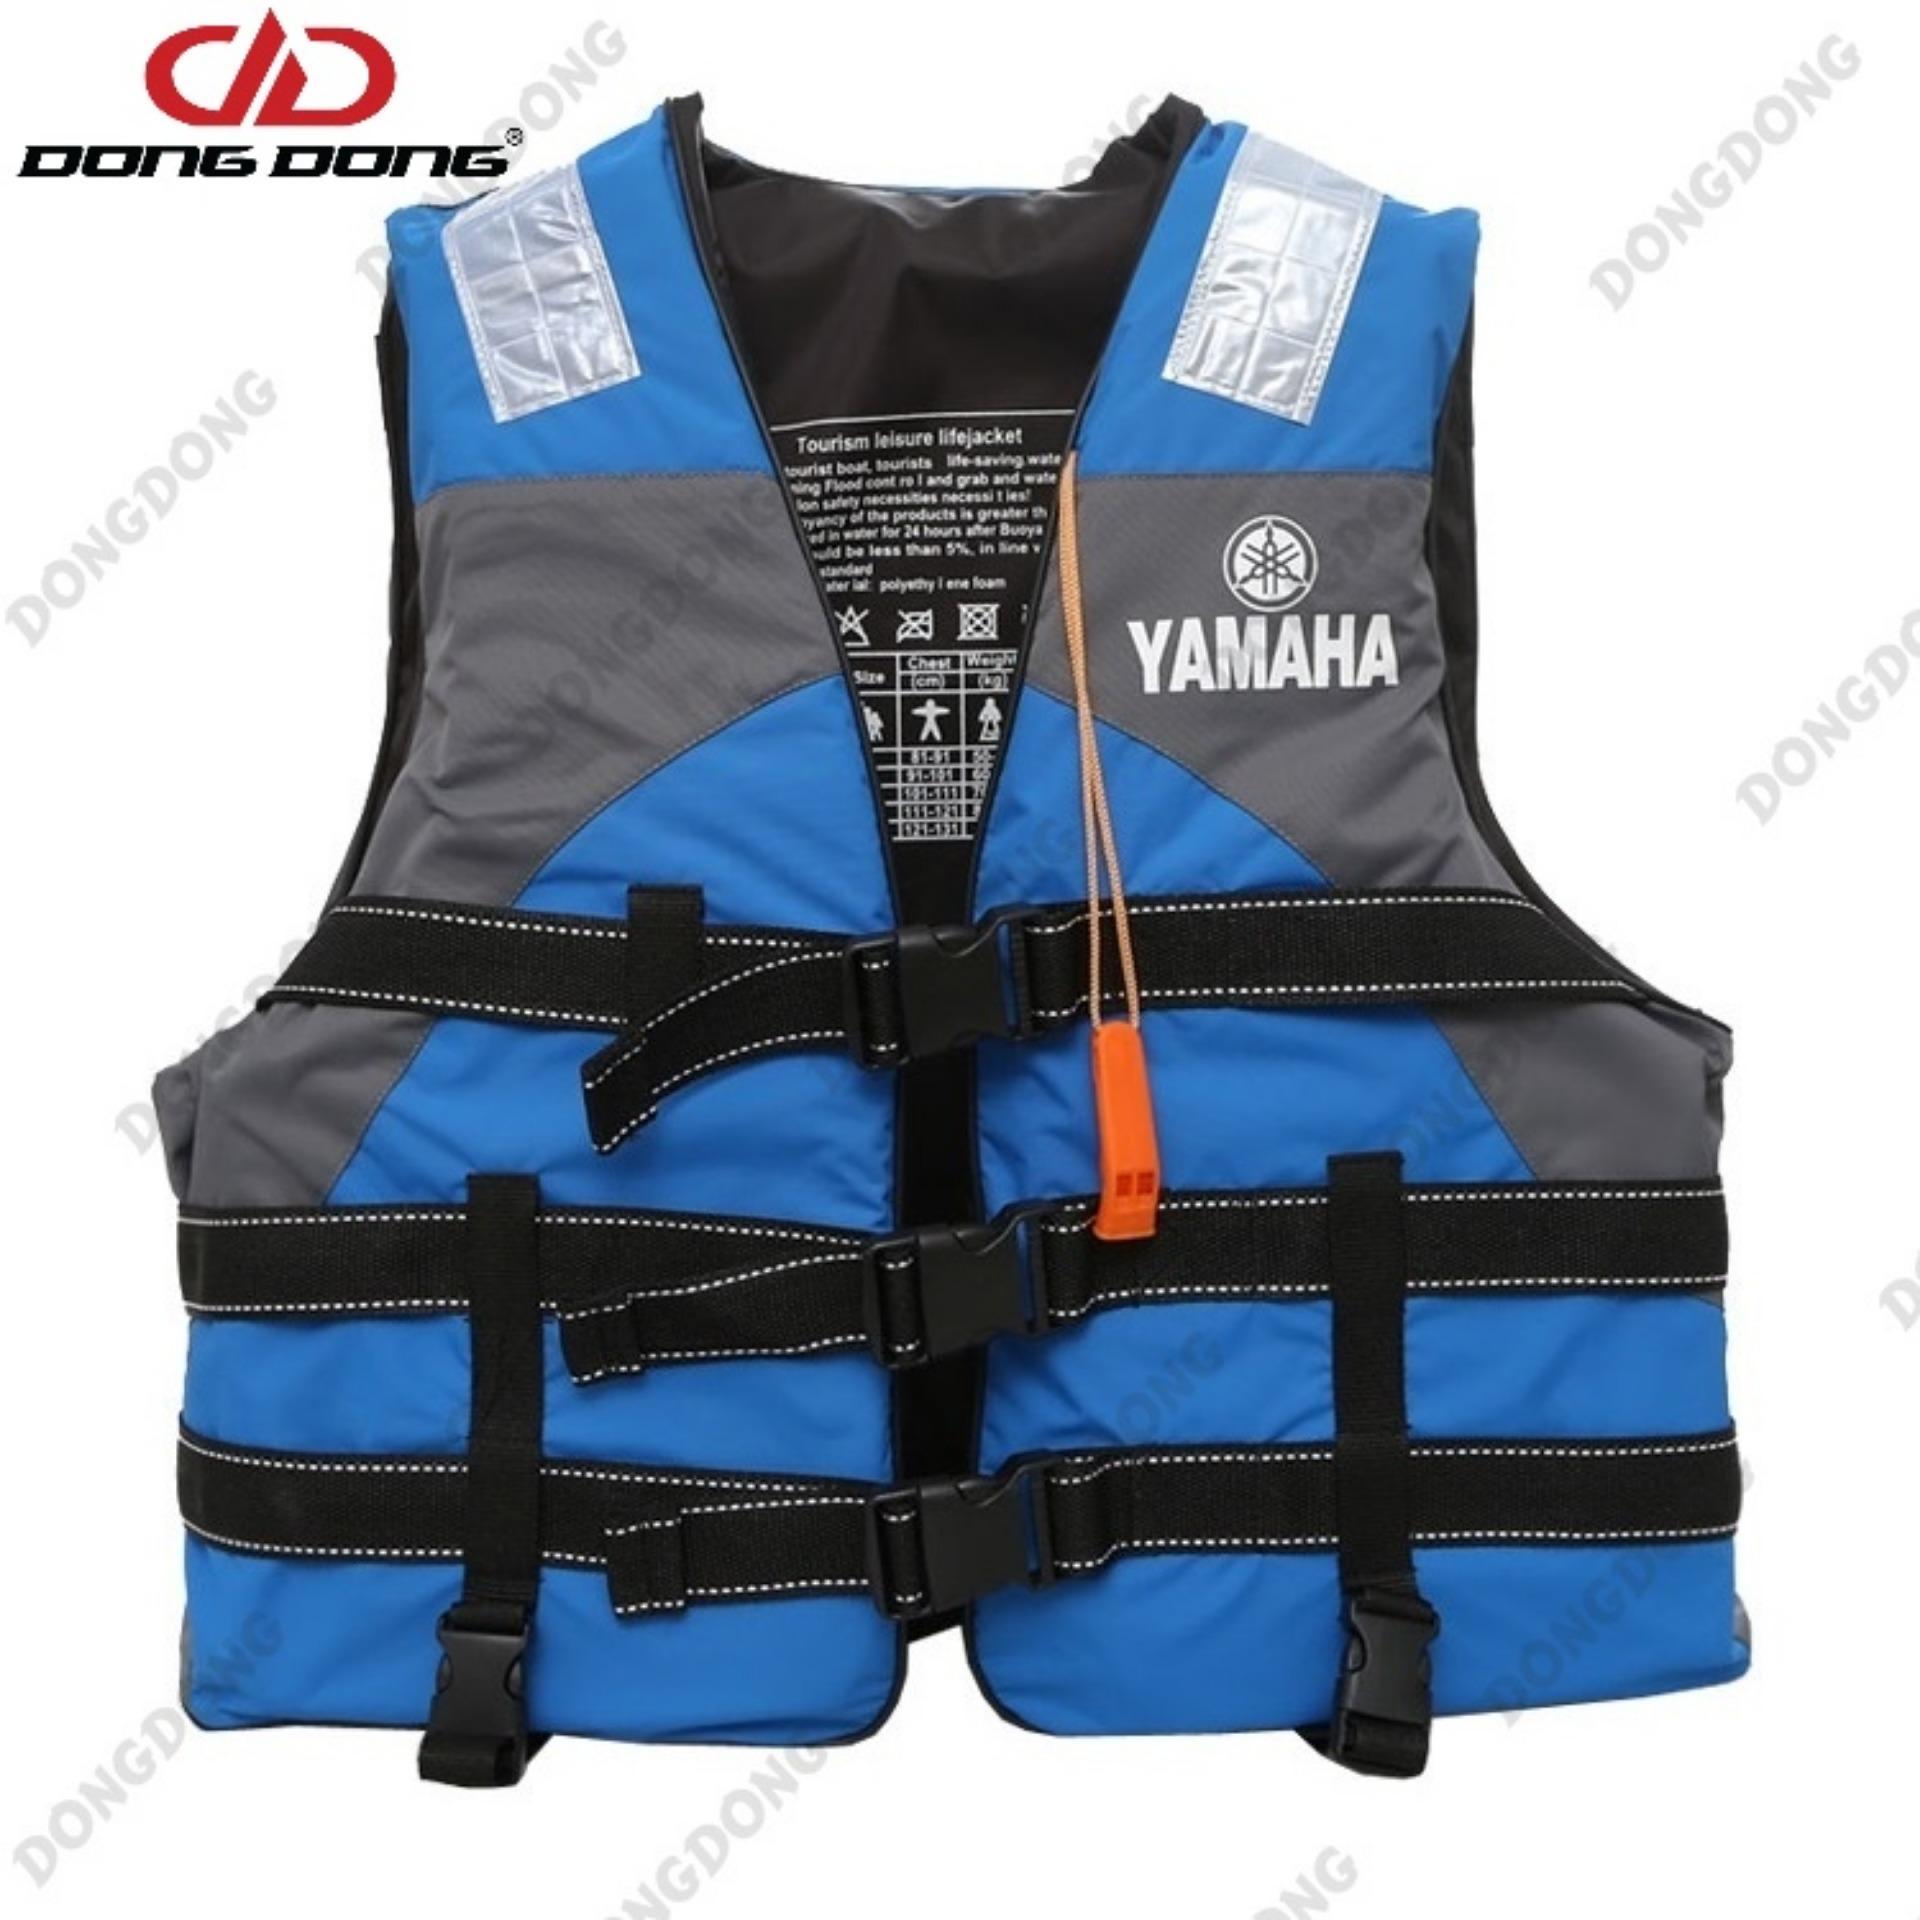 Áo phao bơi cứu hộ YA, áo phao chuyên dùng cho các môn thể thao dưới nước, đặt tiêu chuẩn...